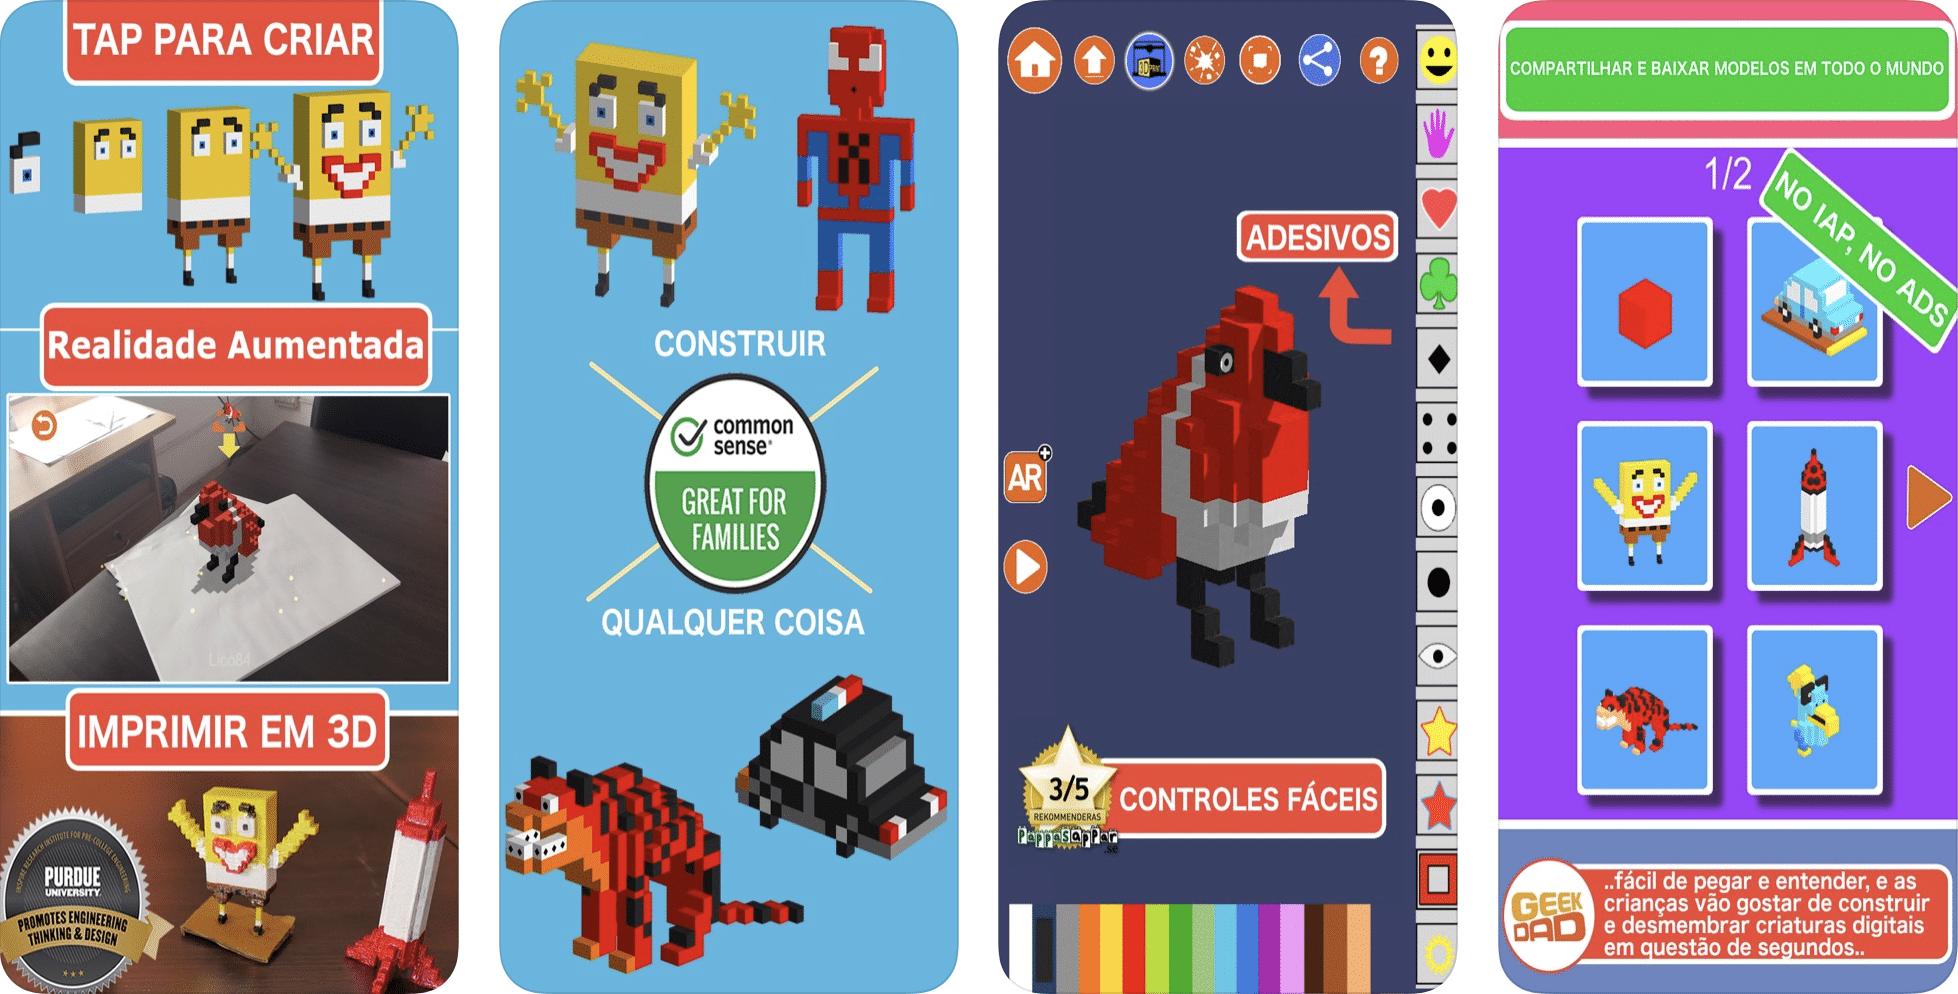 Tänased pakkumised App Store'is: Blox 3D Junior, LYNE, Earth 3D - Animal Atlas ja palju muud!